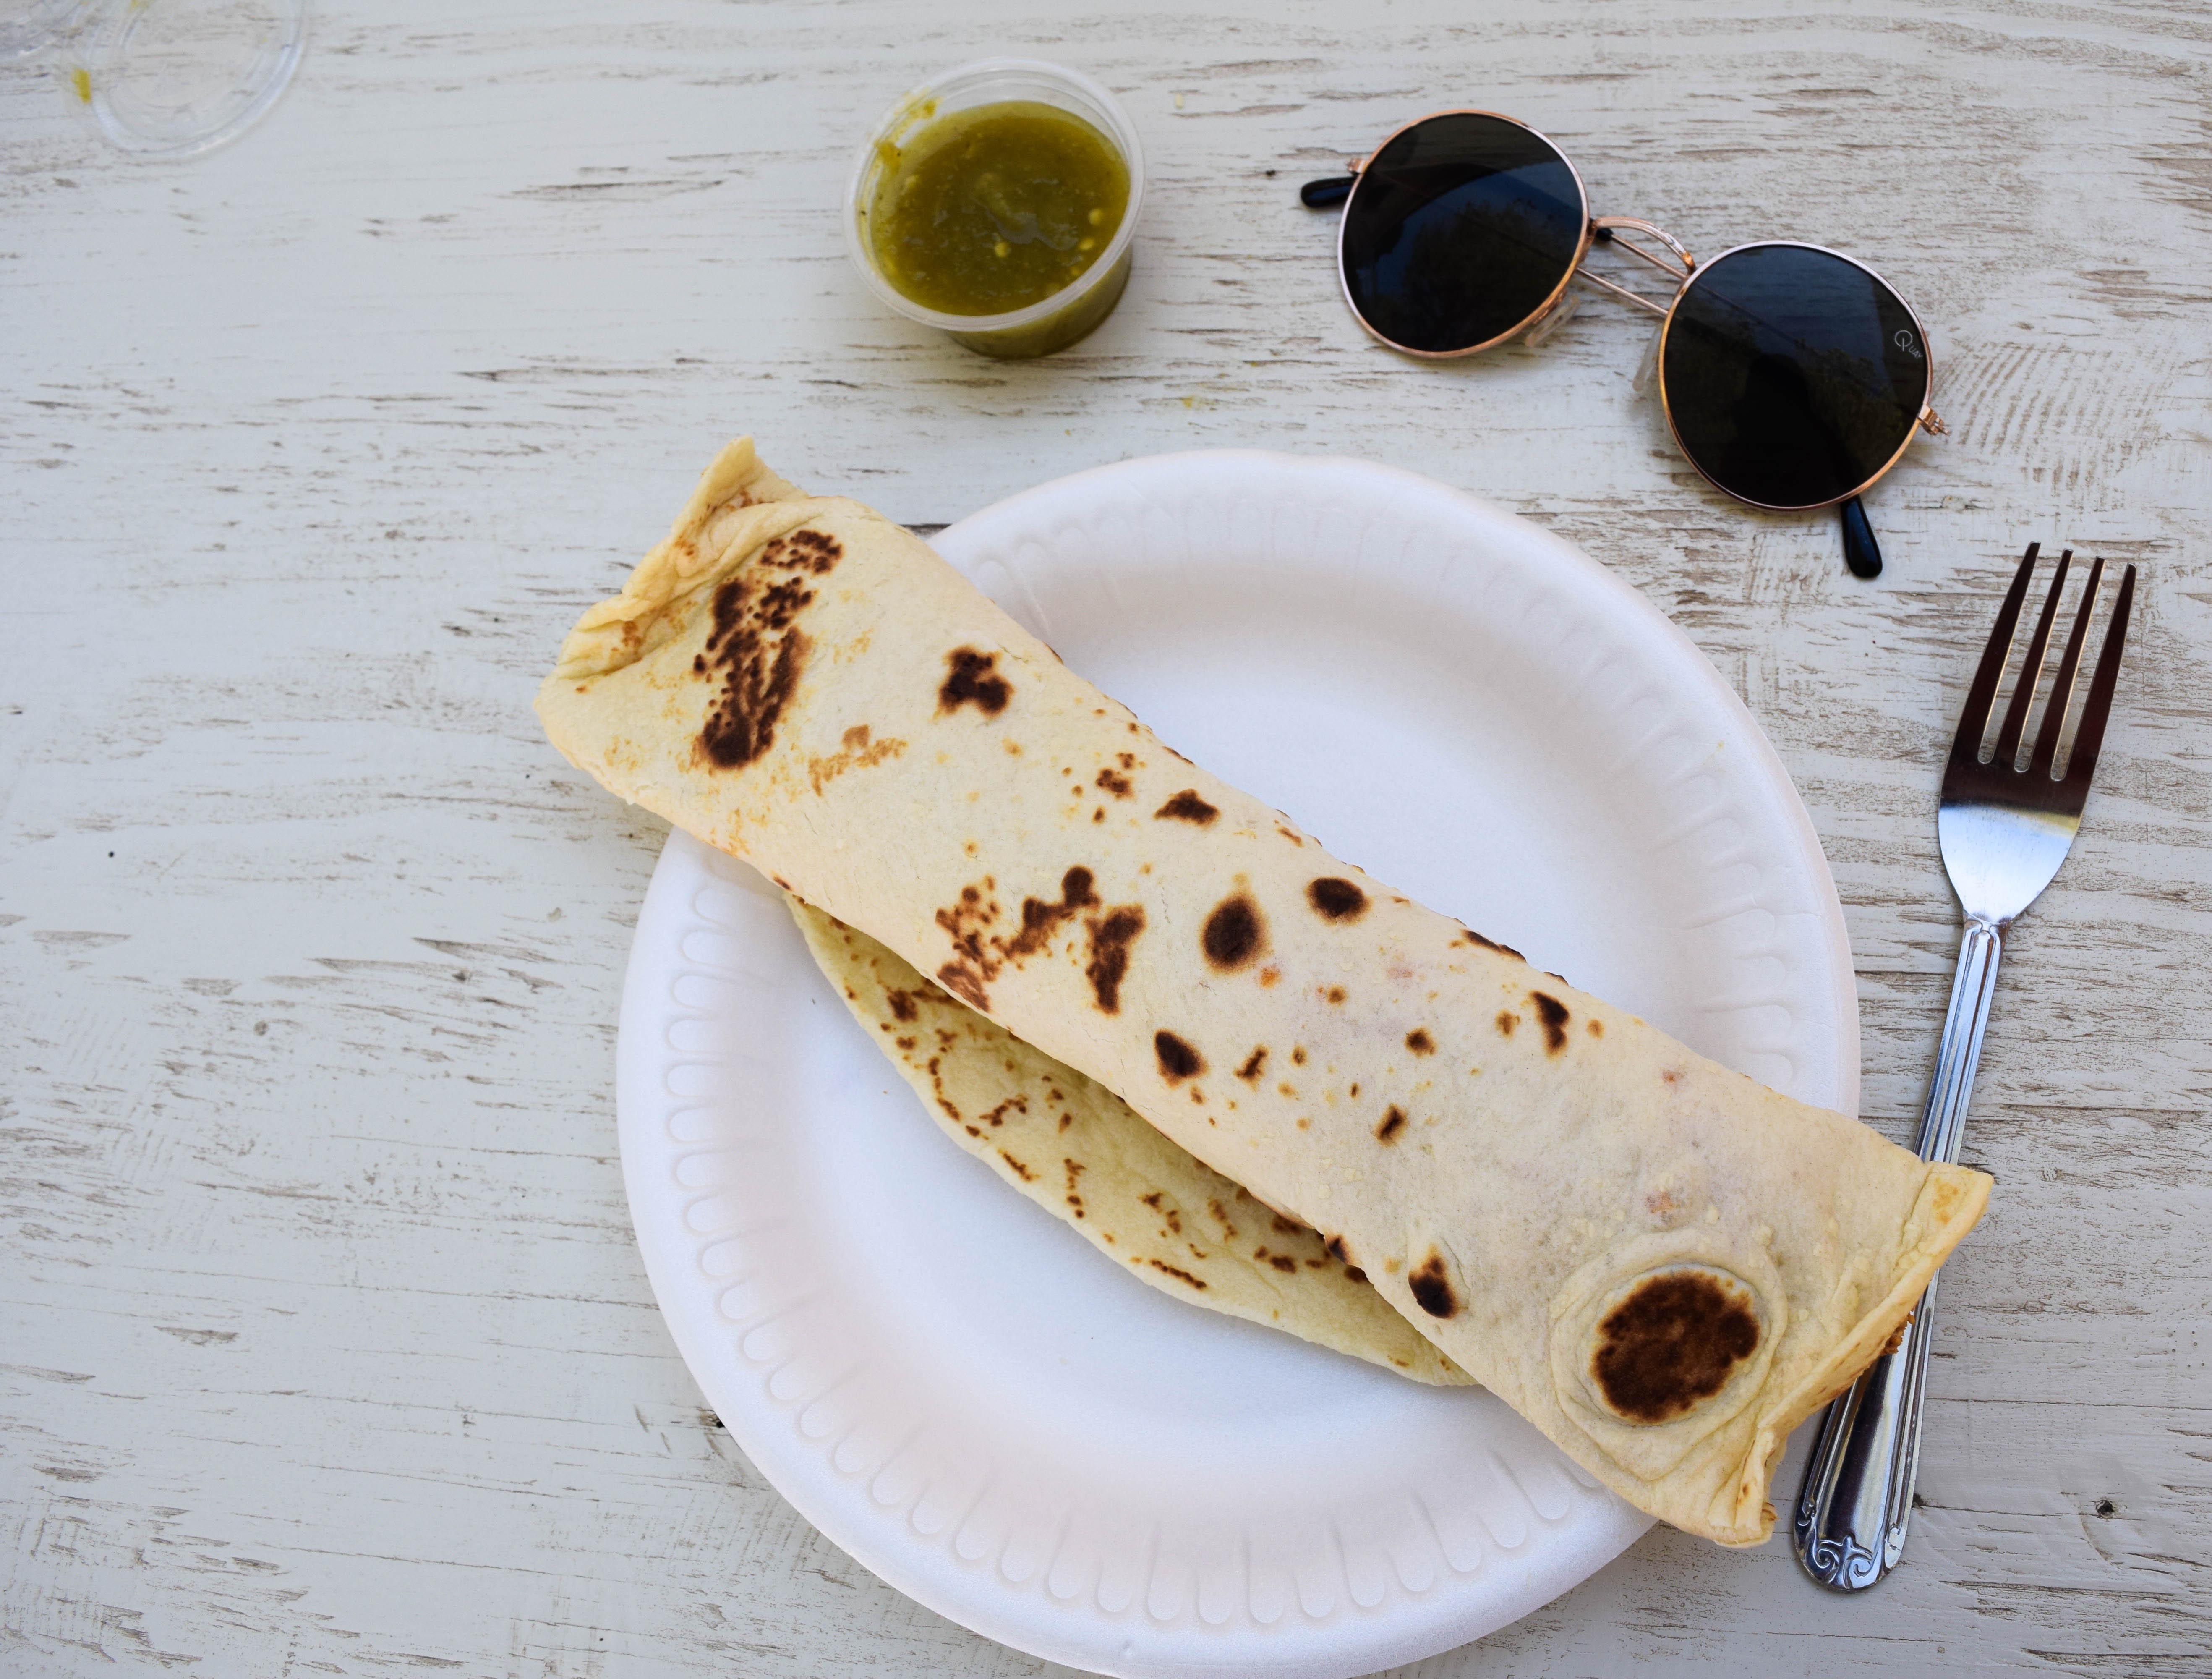 marfa burrito2 (1 of 1)